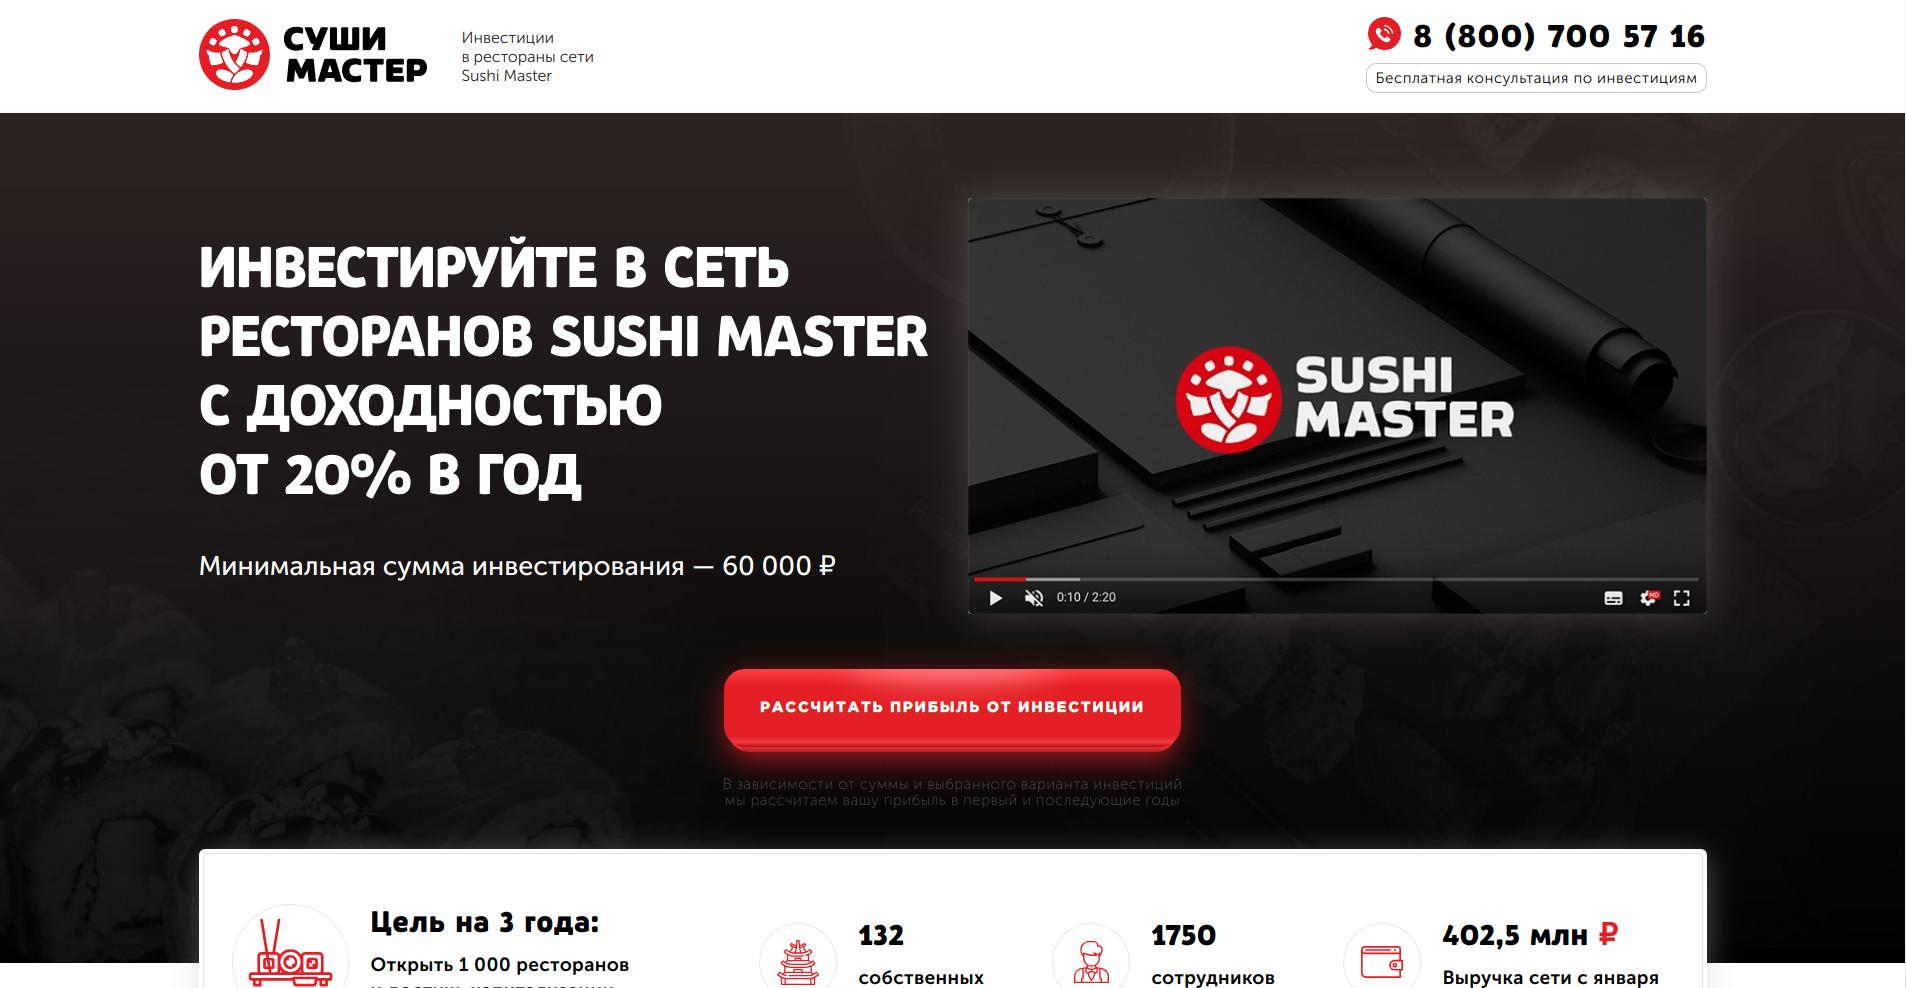 """Адаптивный лэндинг с калькулятором инвестиций для """"Sushi Master"""""""